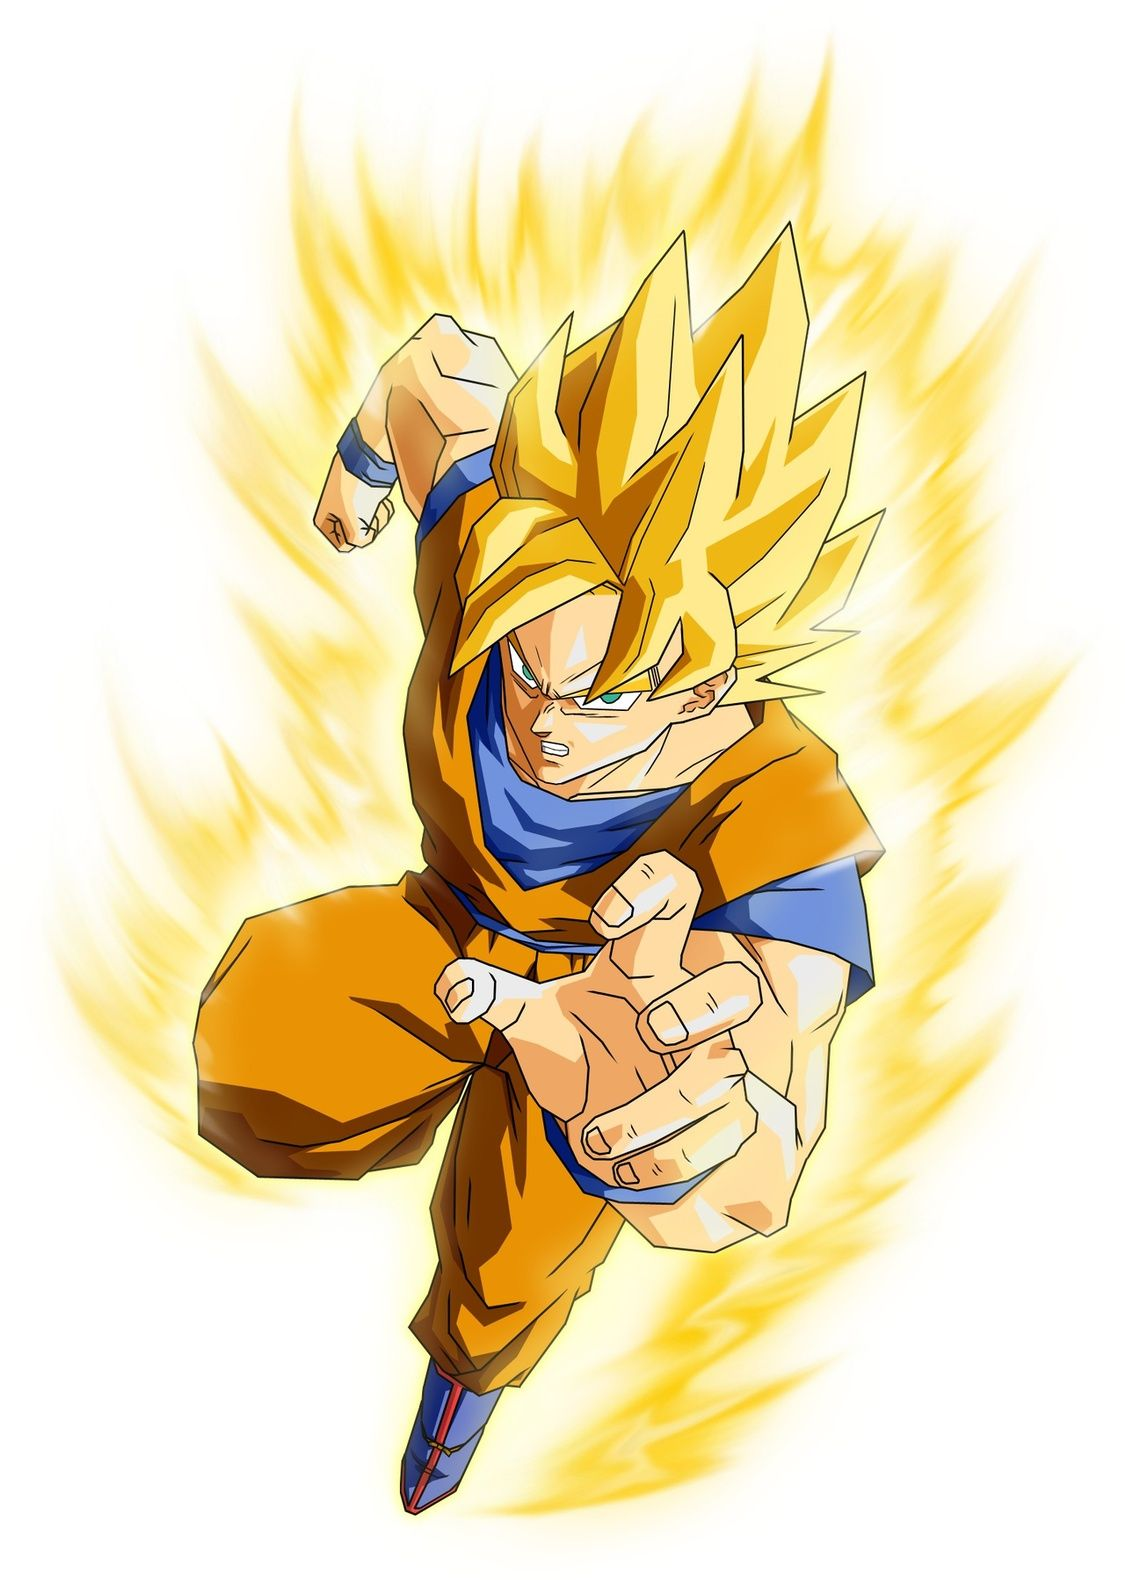 Dragon Ball Z - Goku Super Saydin